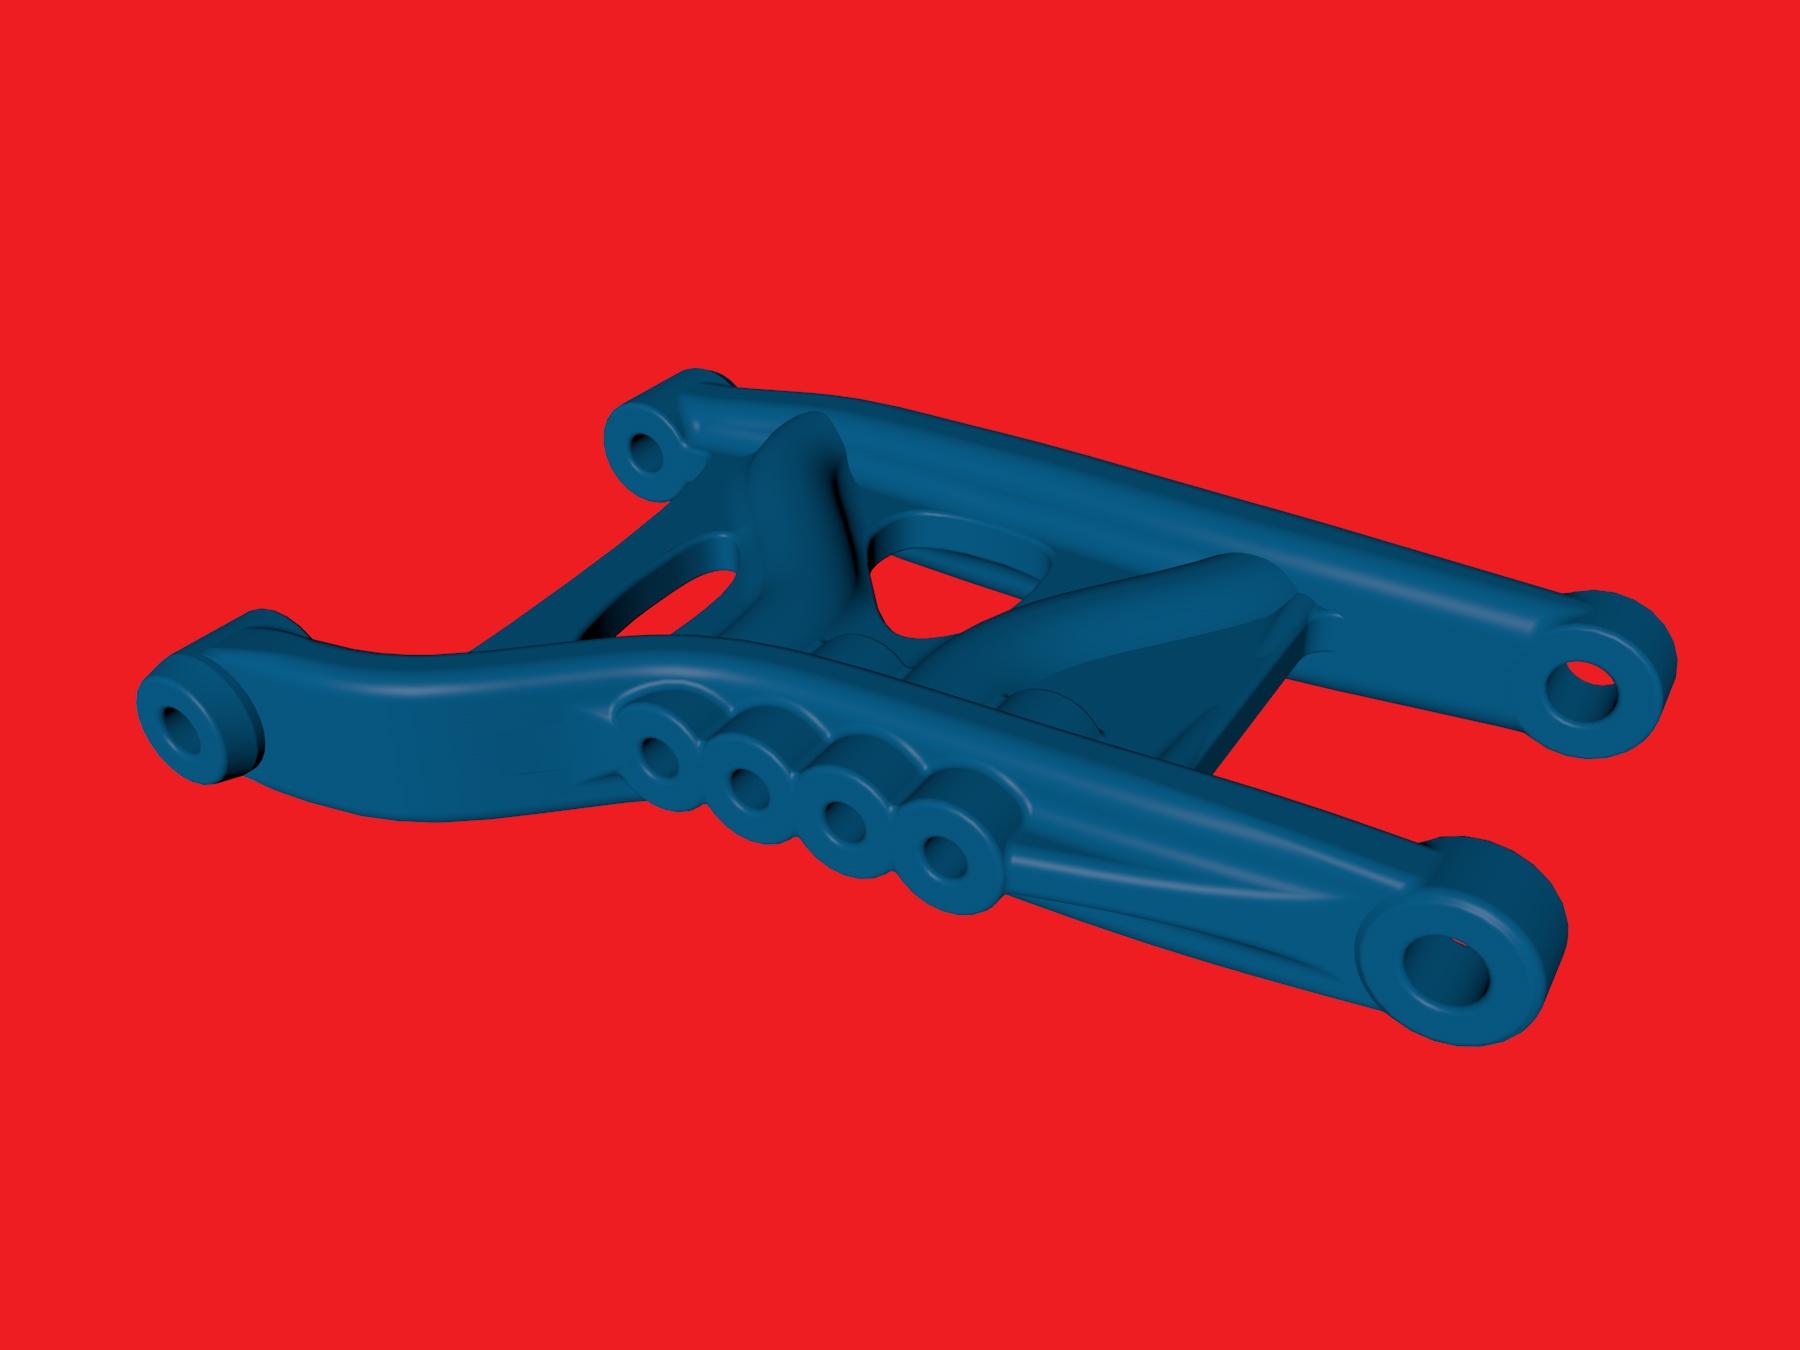 tamiya wrenchdog dyna storm b3 rear suspension arm